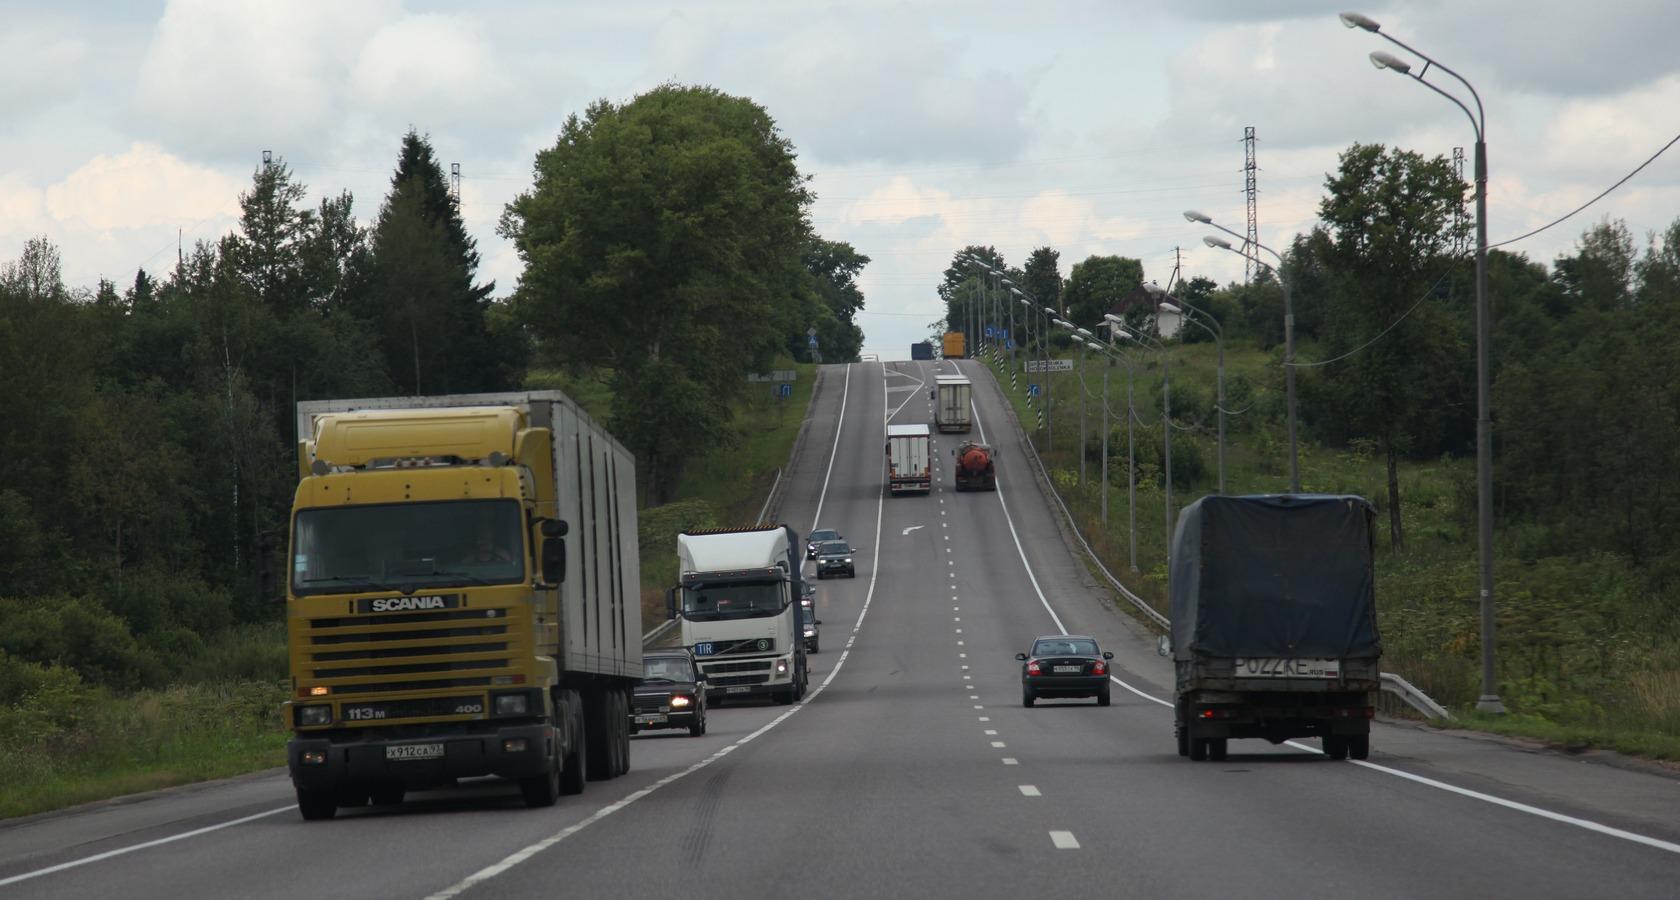 Уход игроков с рынка грузовых автоперевозок в 2014—2015 годах усилил дефицит провозных мощностей (Фото: Федор Борисов / Transport-Photo.com)